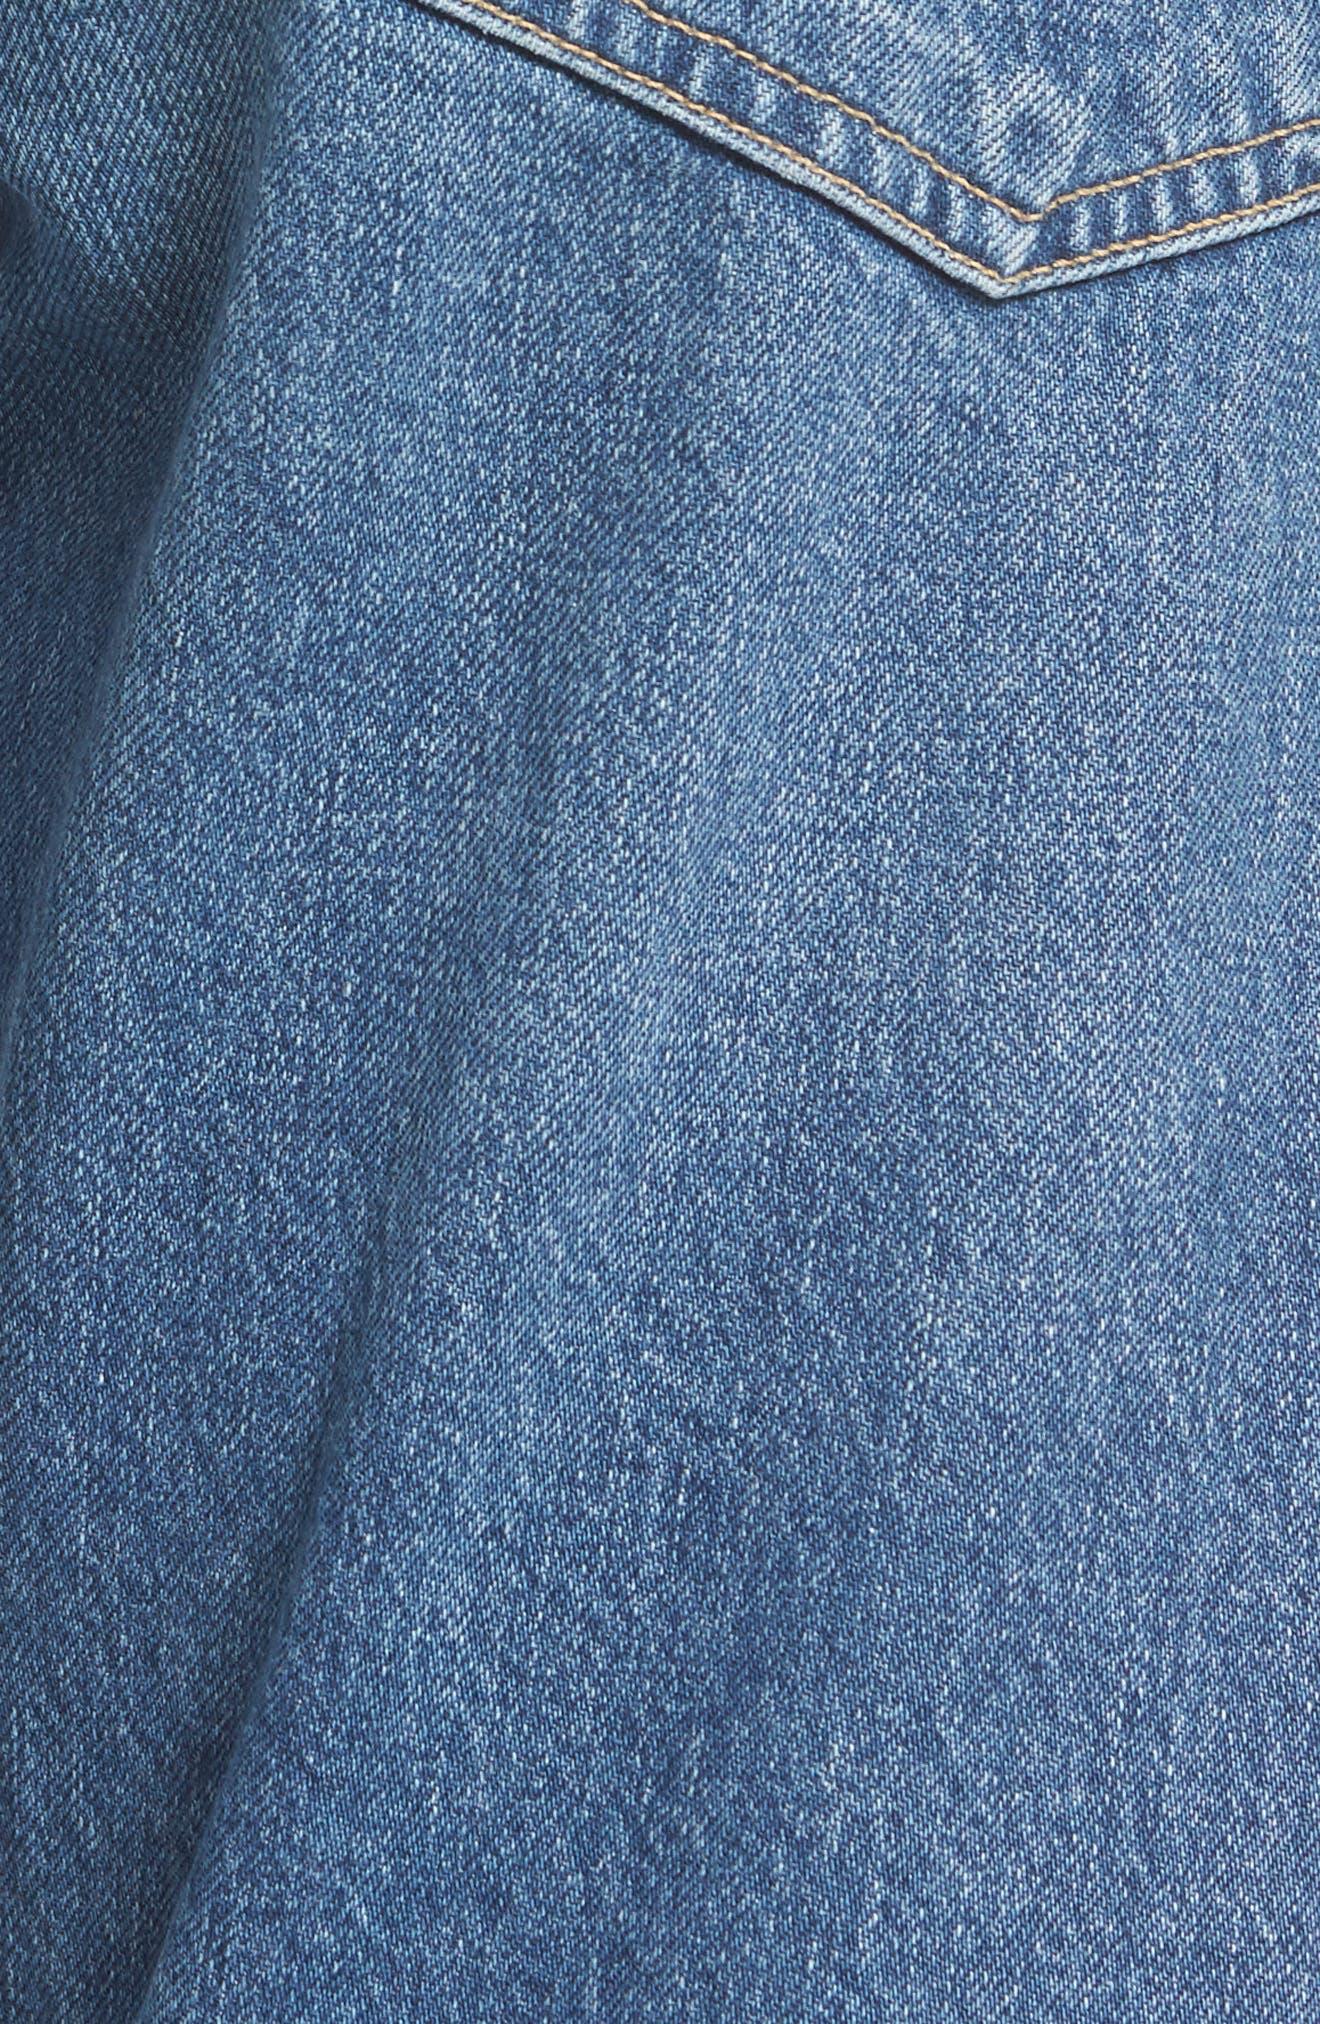 Emerson Slim Boyfriend Jeans,                             Alternate thumbnail 5, color,                             425